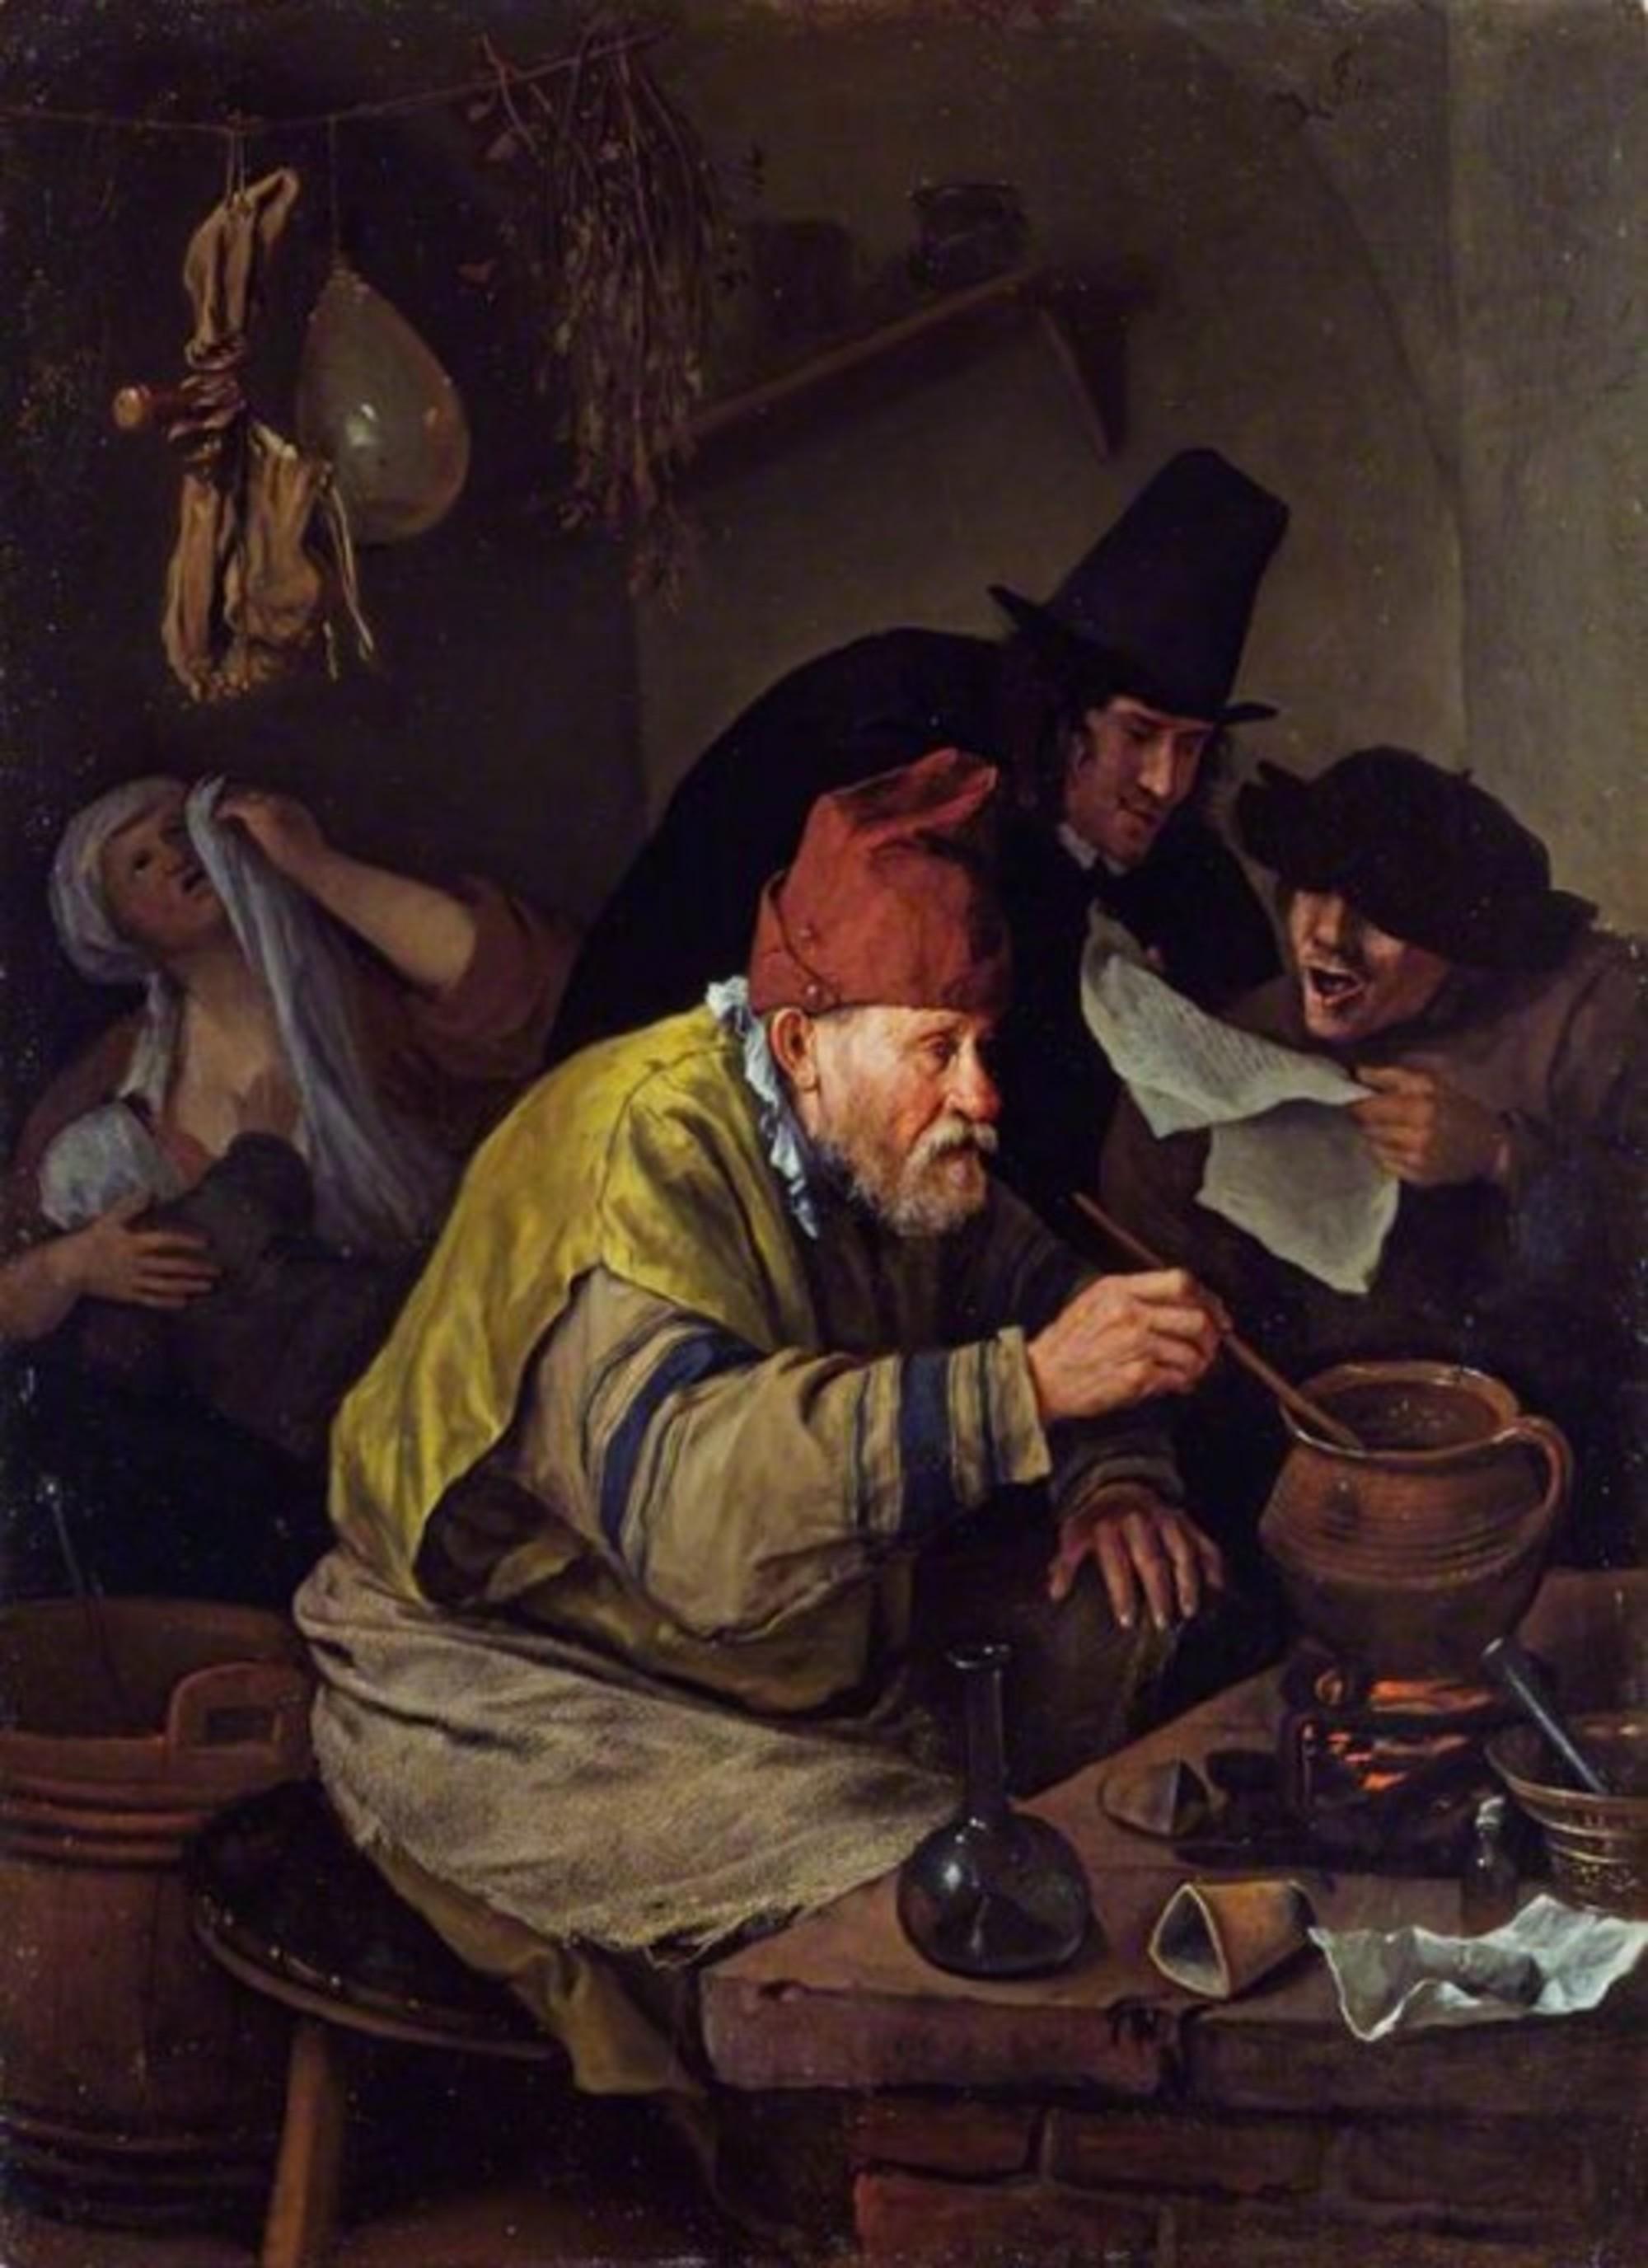 Jan-Steen---An-Alchemist-WLC-WLC-P209.jpg